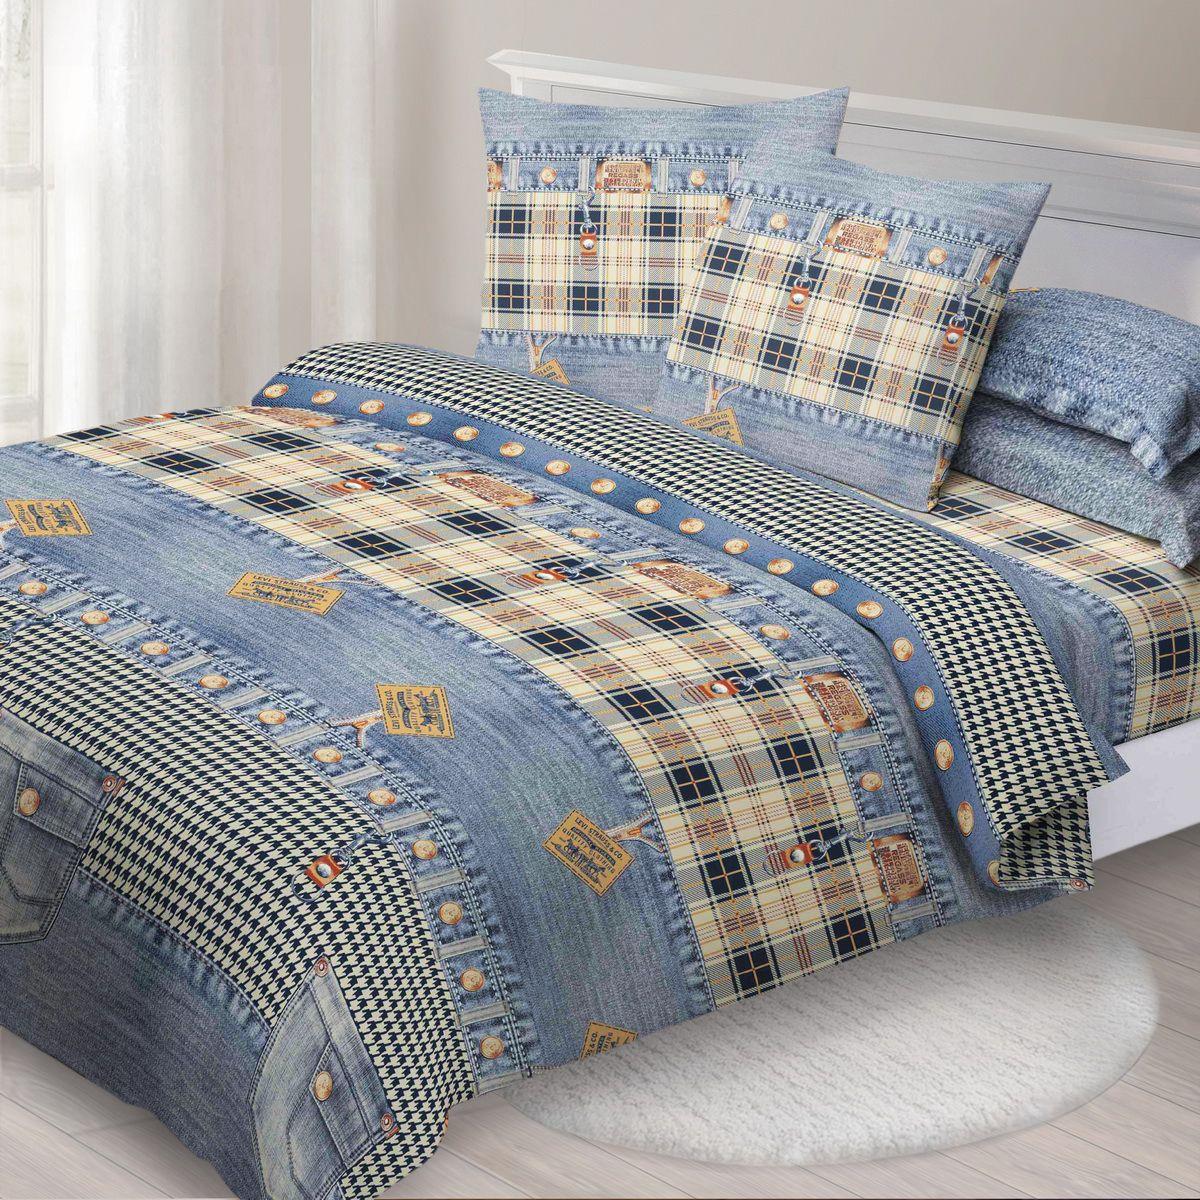 Комплект белья Спал Спалыч Деним, 1,5-спальное, наволочки 70x70, цвет: синий88010Спал Спалыч - недорогое, но качественное постельное белье из белорусской бязи. Актуальные дизайны, авторская упаковка в сочетании с качественными материалами и приемлемой ценой - залог успеха Спал Спалыча! В ассортименте широкая линейка домашнего текстиля для всей семьи - современные дизайны современному покупателю! Ткань обработана по технологии PERFECT WAY - благодаря чему, она становится более гладкой и шелковистой. • Бязь Барановичи 100% хлопок • Плотность ткани - 125 гр/кв.м.